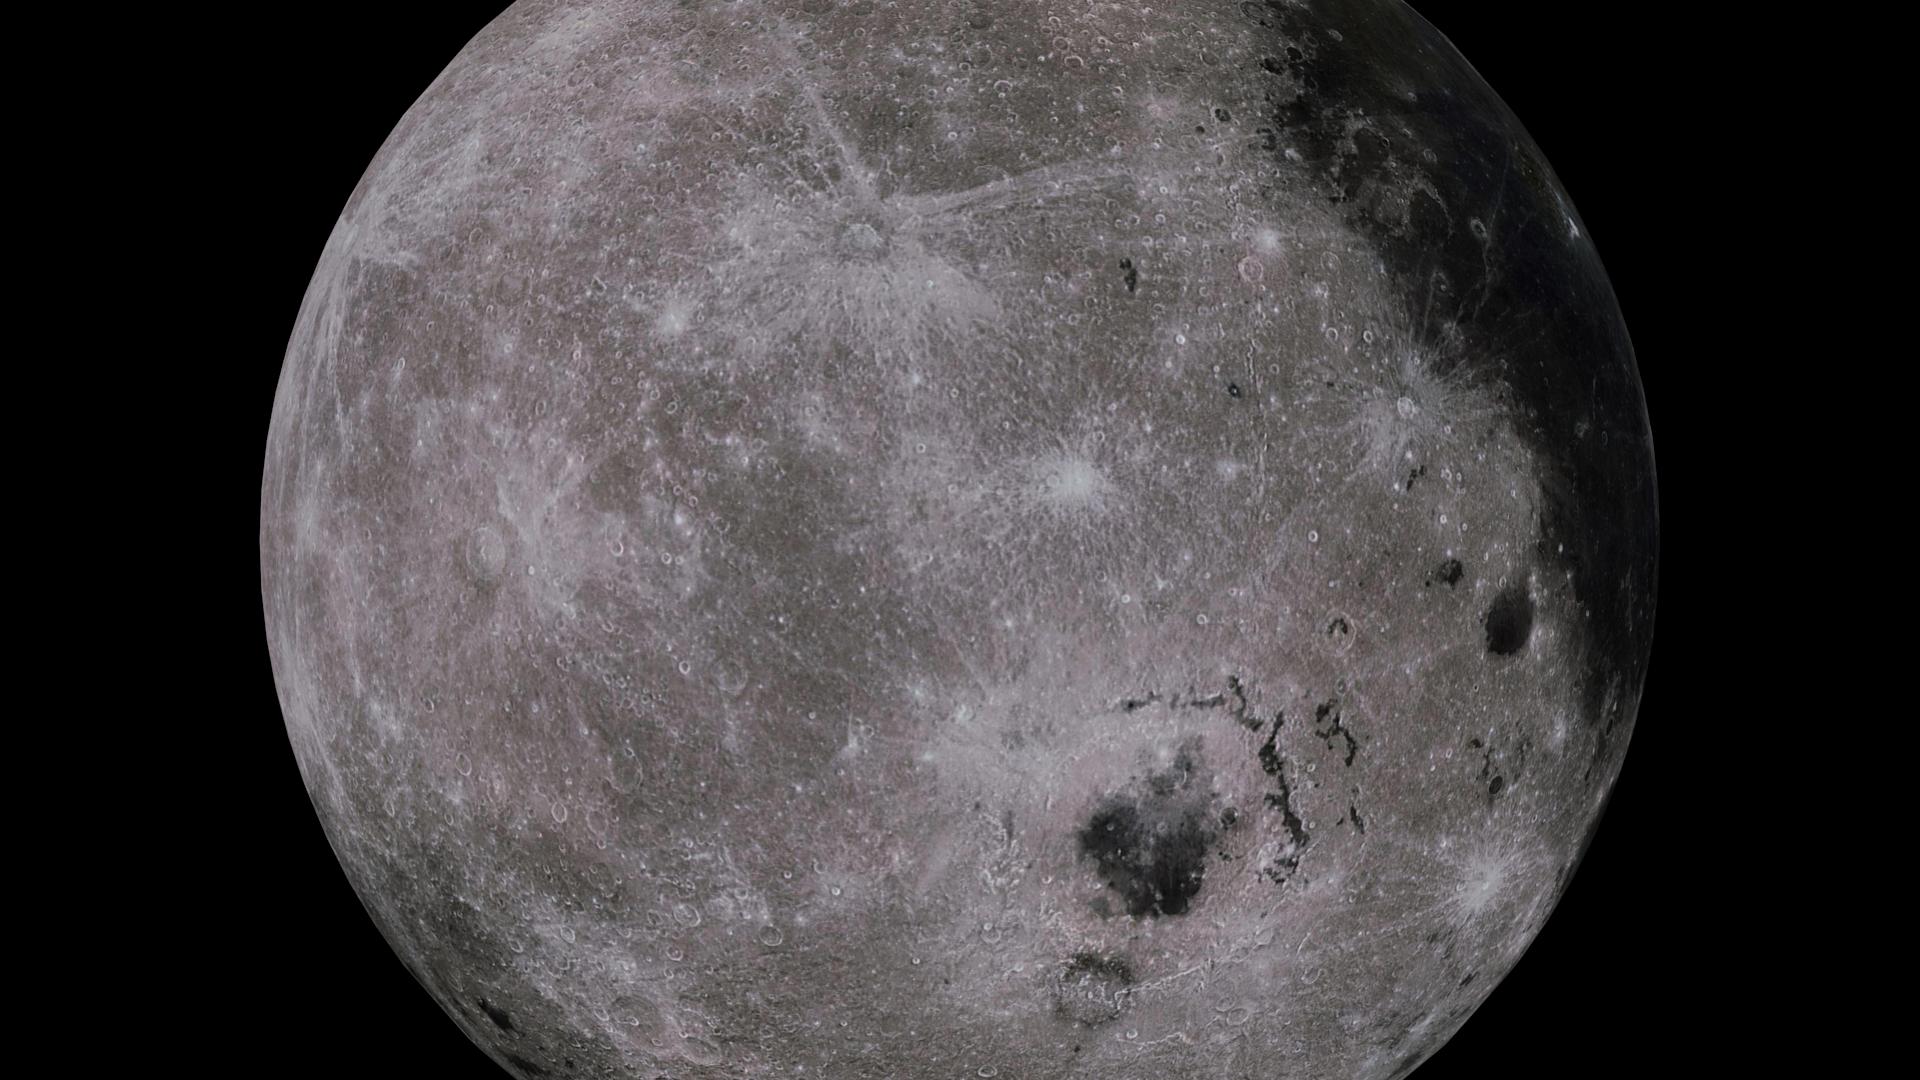 moon 4k 3d model 3ds fbx blend dae obj 210483